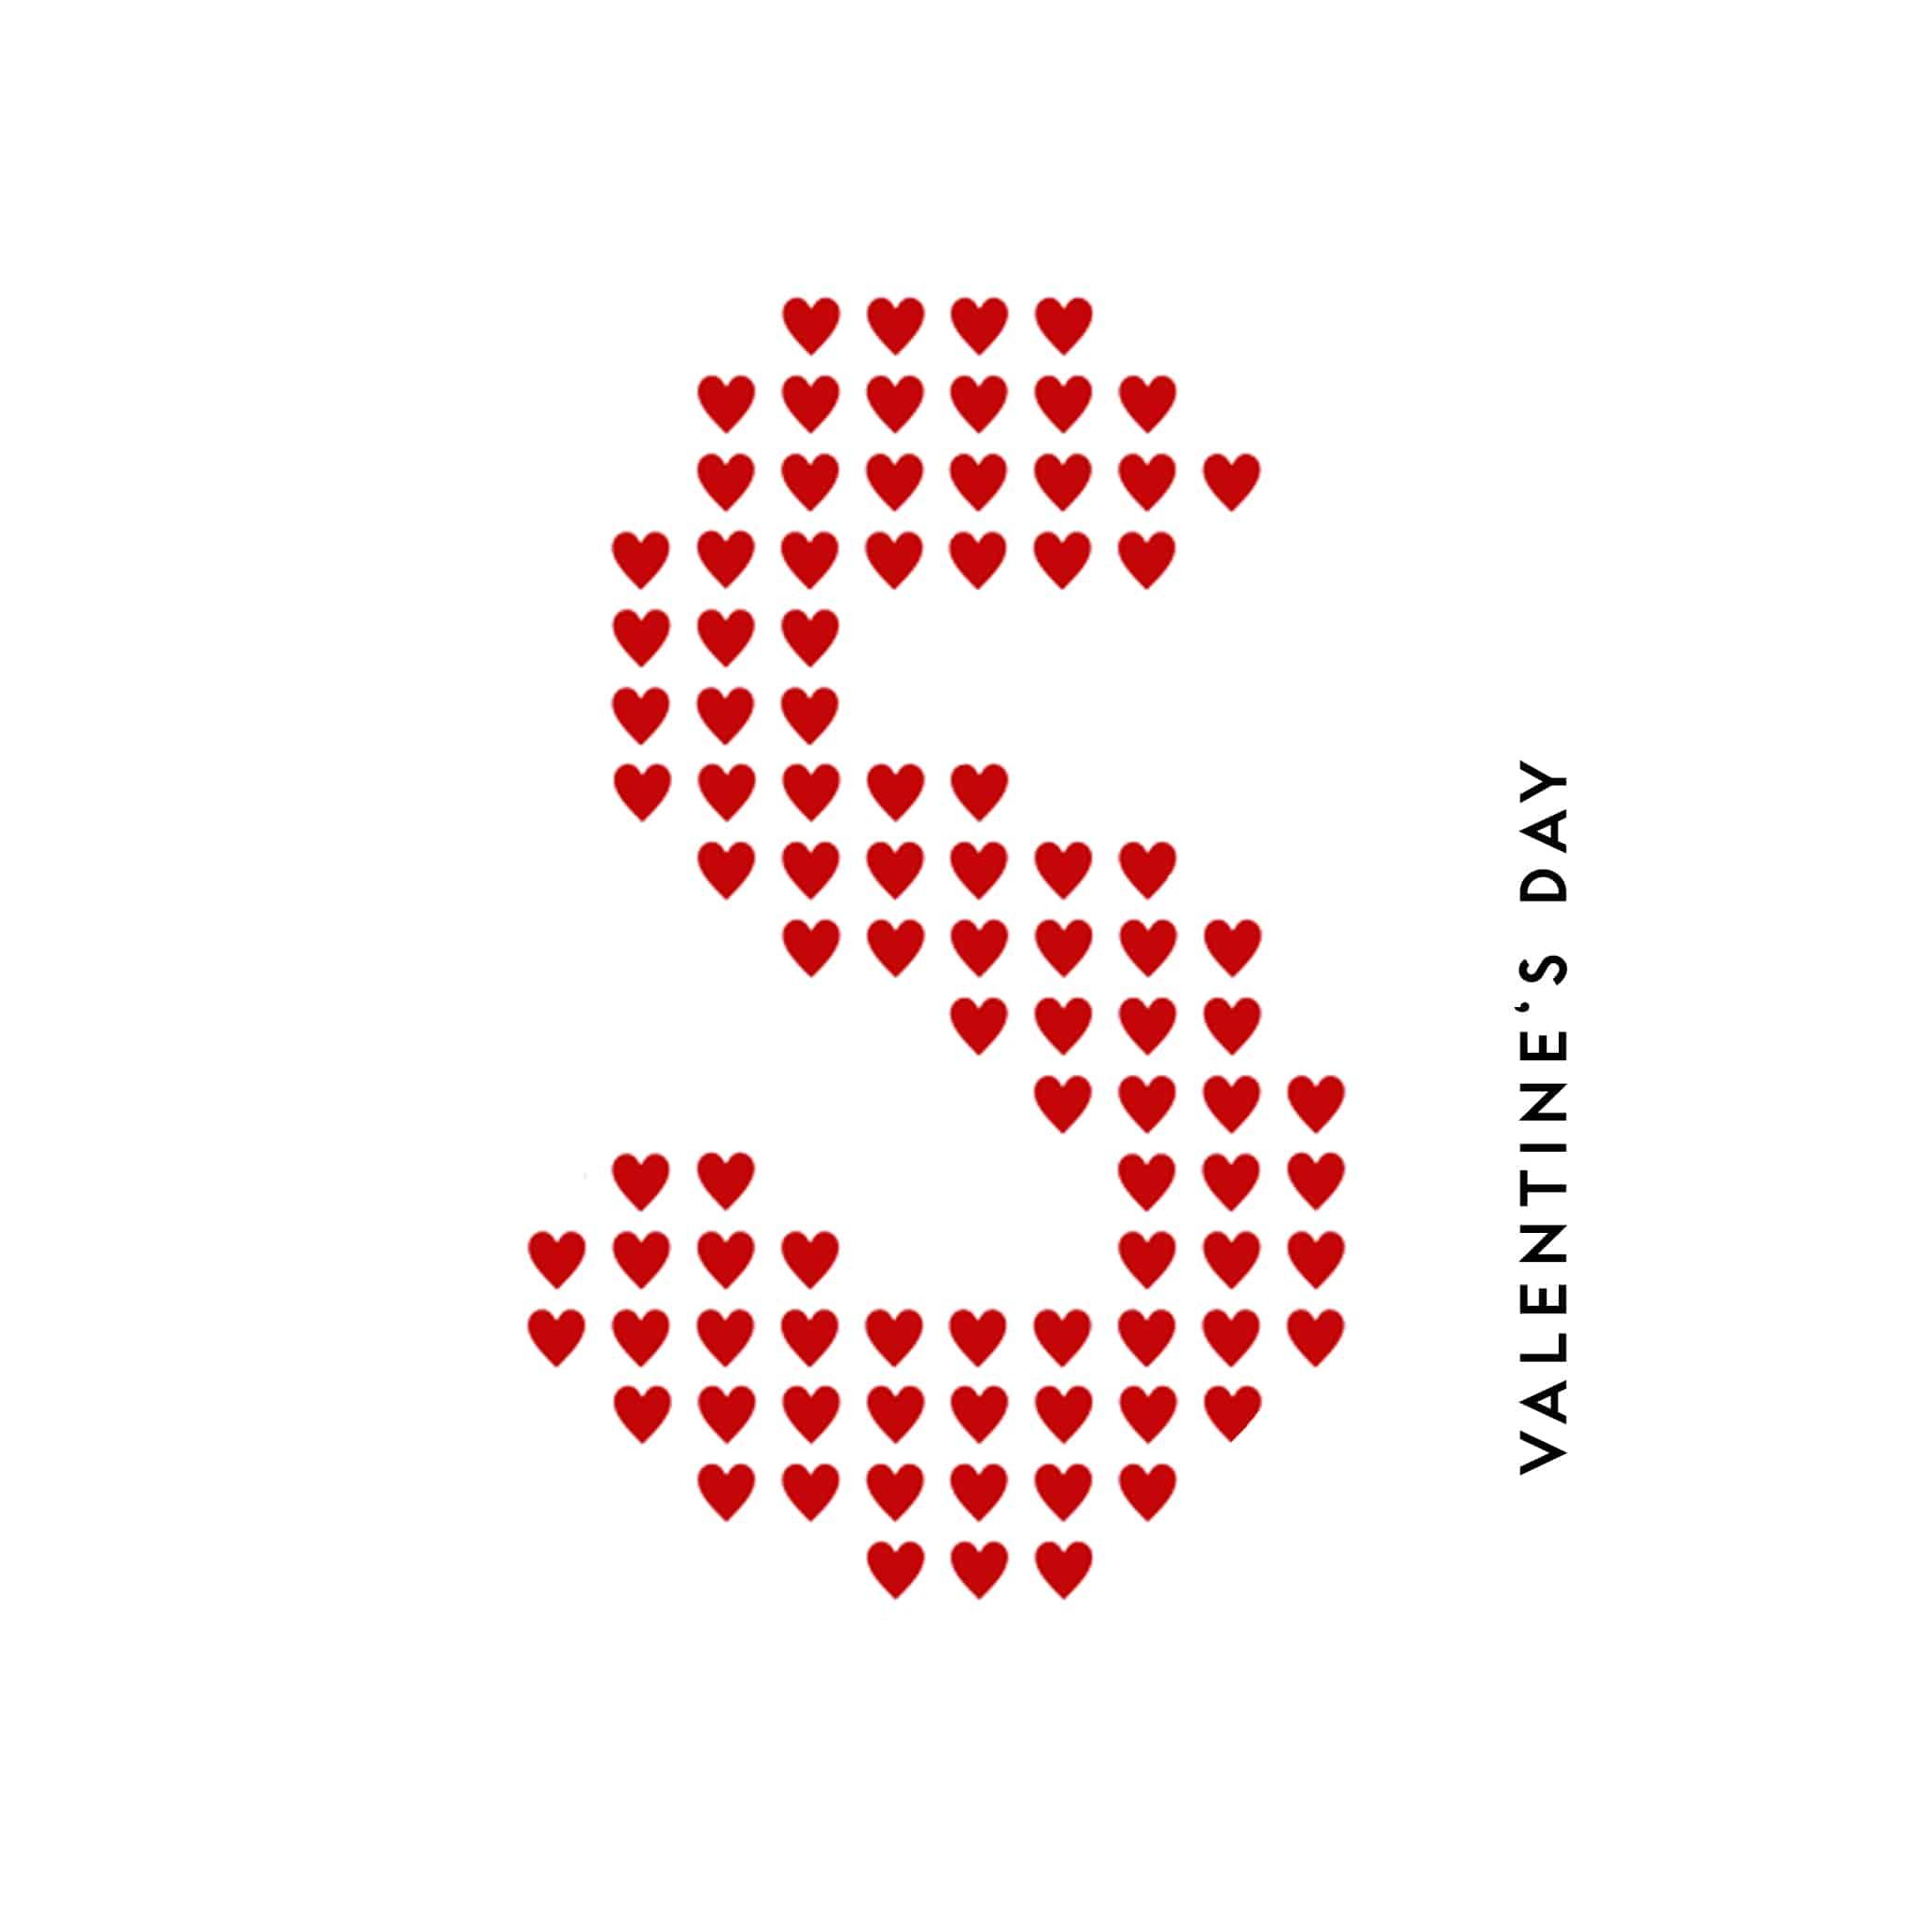 SPINDLER Berlin Valentinstag 2020 Valentine's Day Berlin 2020